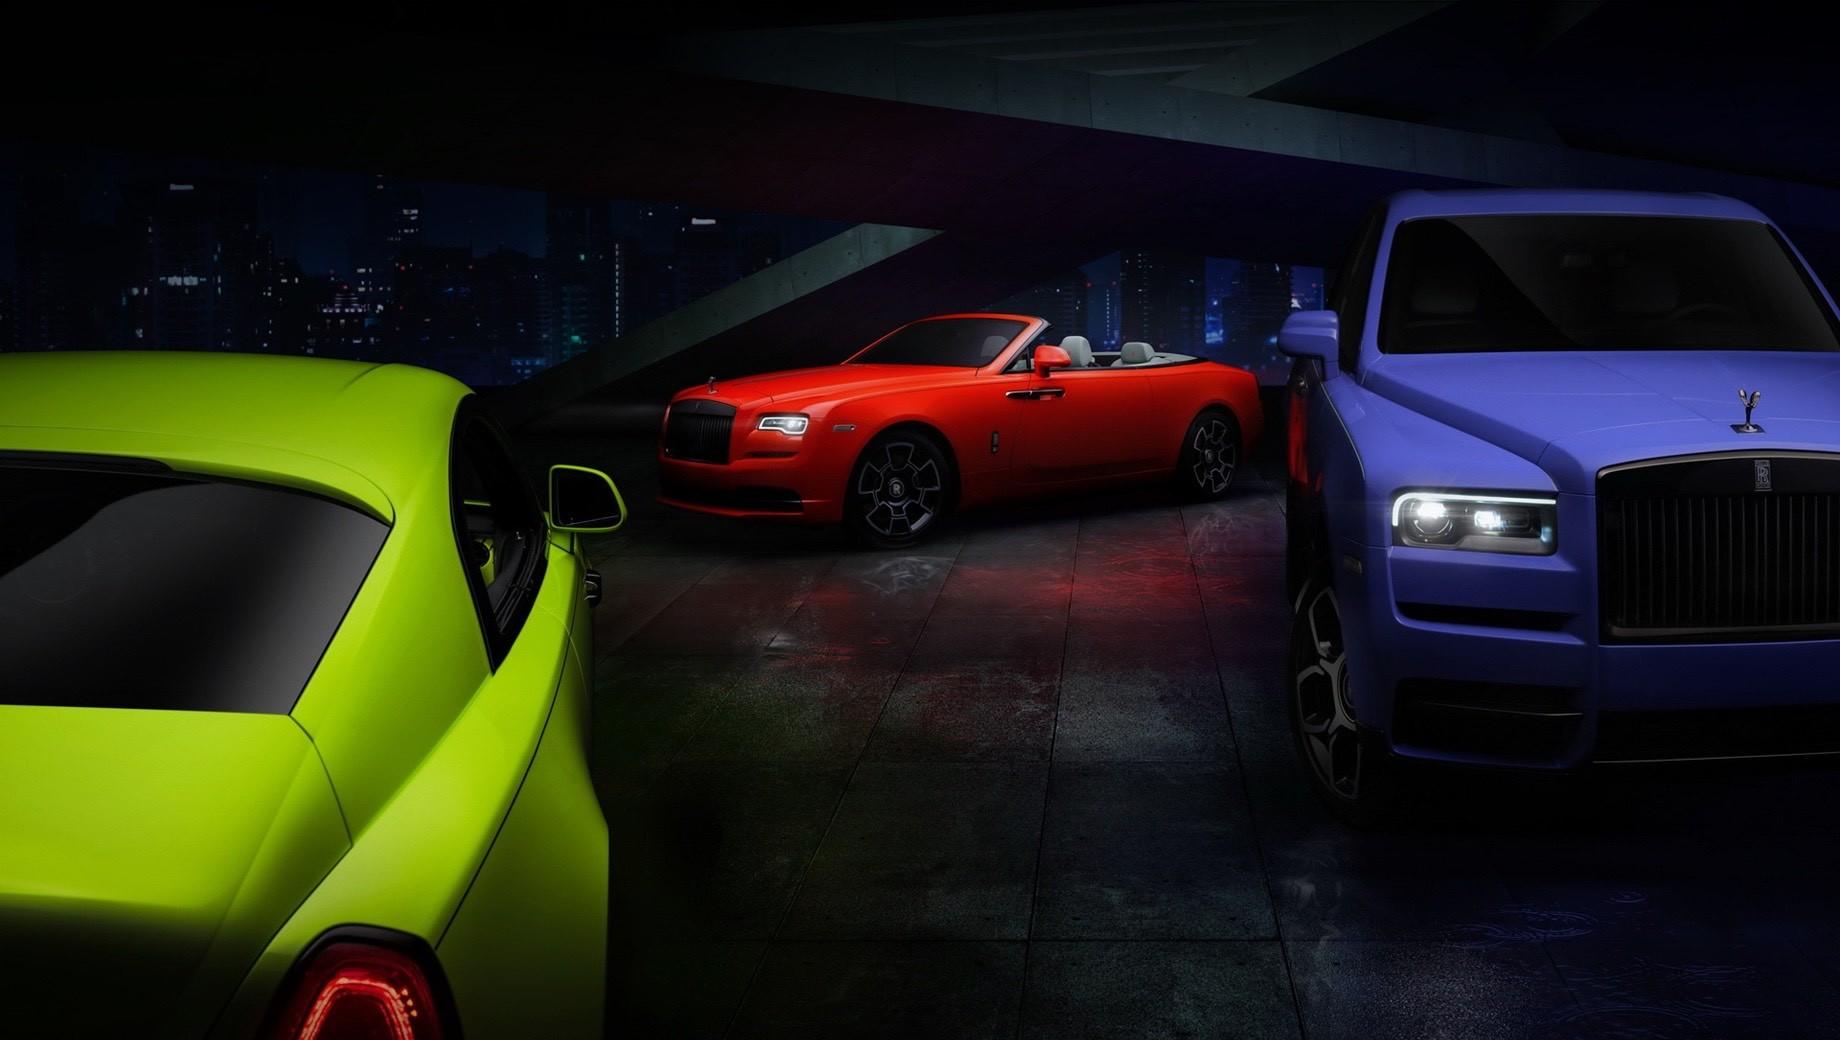 Rollsroyce wraith,Rollsroyce cullinan,Rollsroyce dawn,Rollsroyce black badge,Rollsroyce neon nights. Изначально автомобили Rolls-Royce Black Badge в спецверсии Neon Nights предназначались для рынка США. Там их реализацией займётся единственный дилер из калифорнийского курортного города Ранчо-Мираж. Для остальных стран англичане сделают по три машины в каждом цвете.